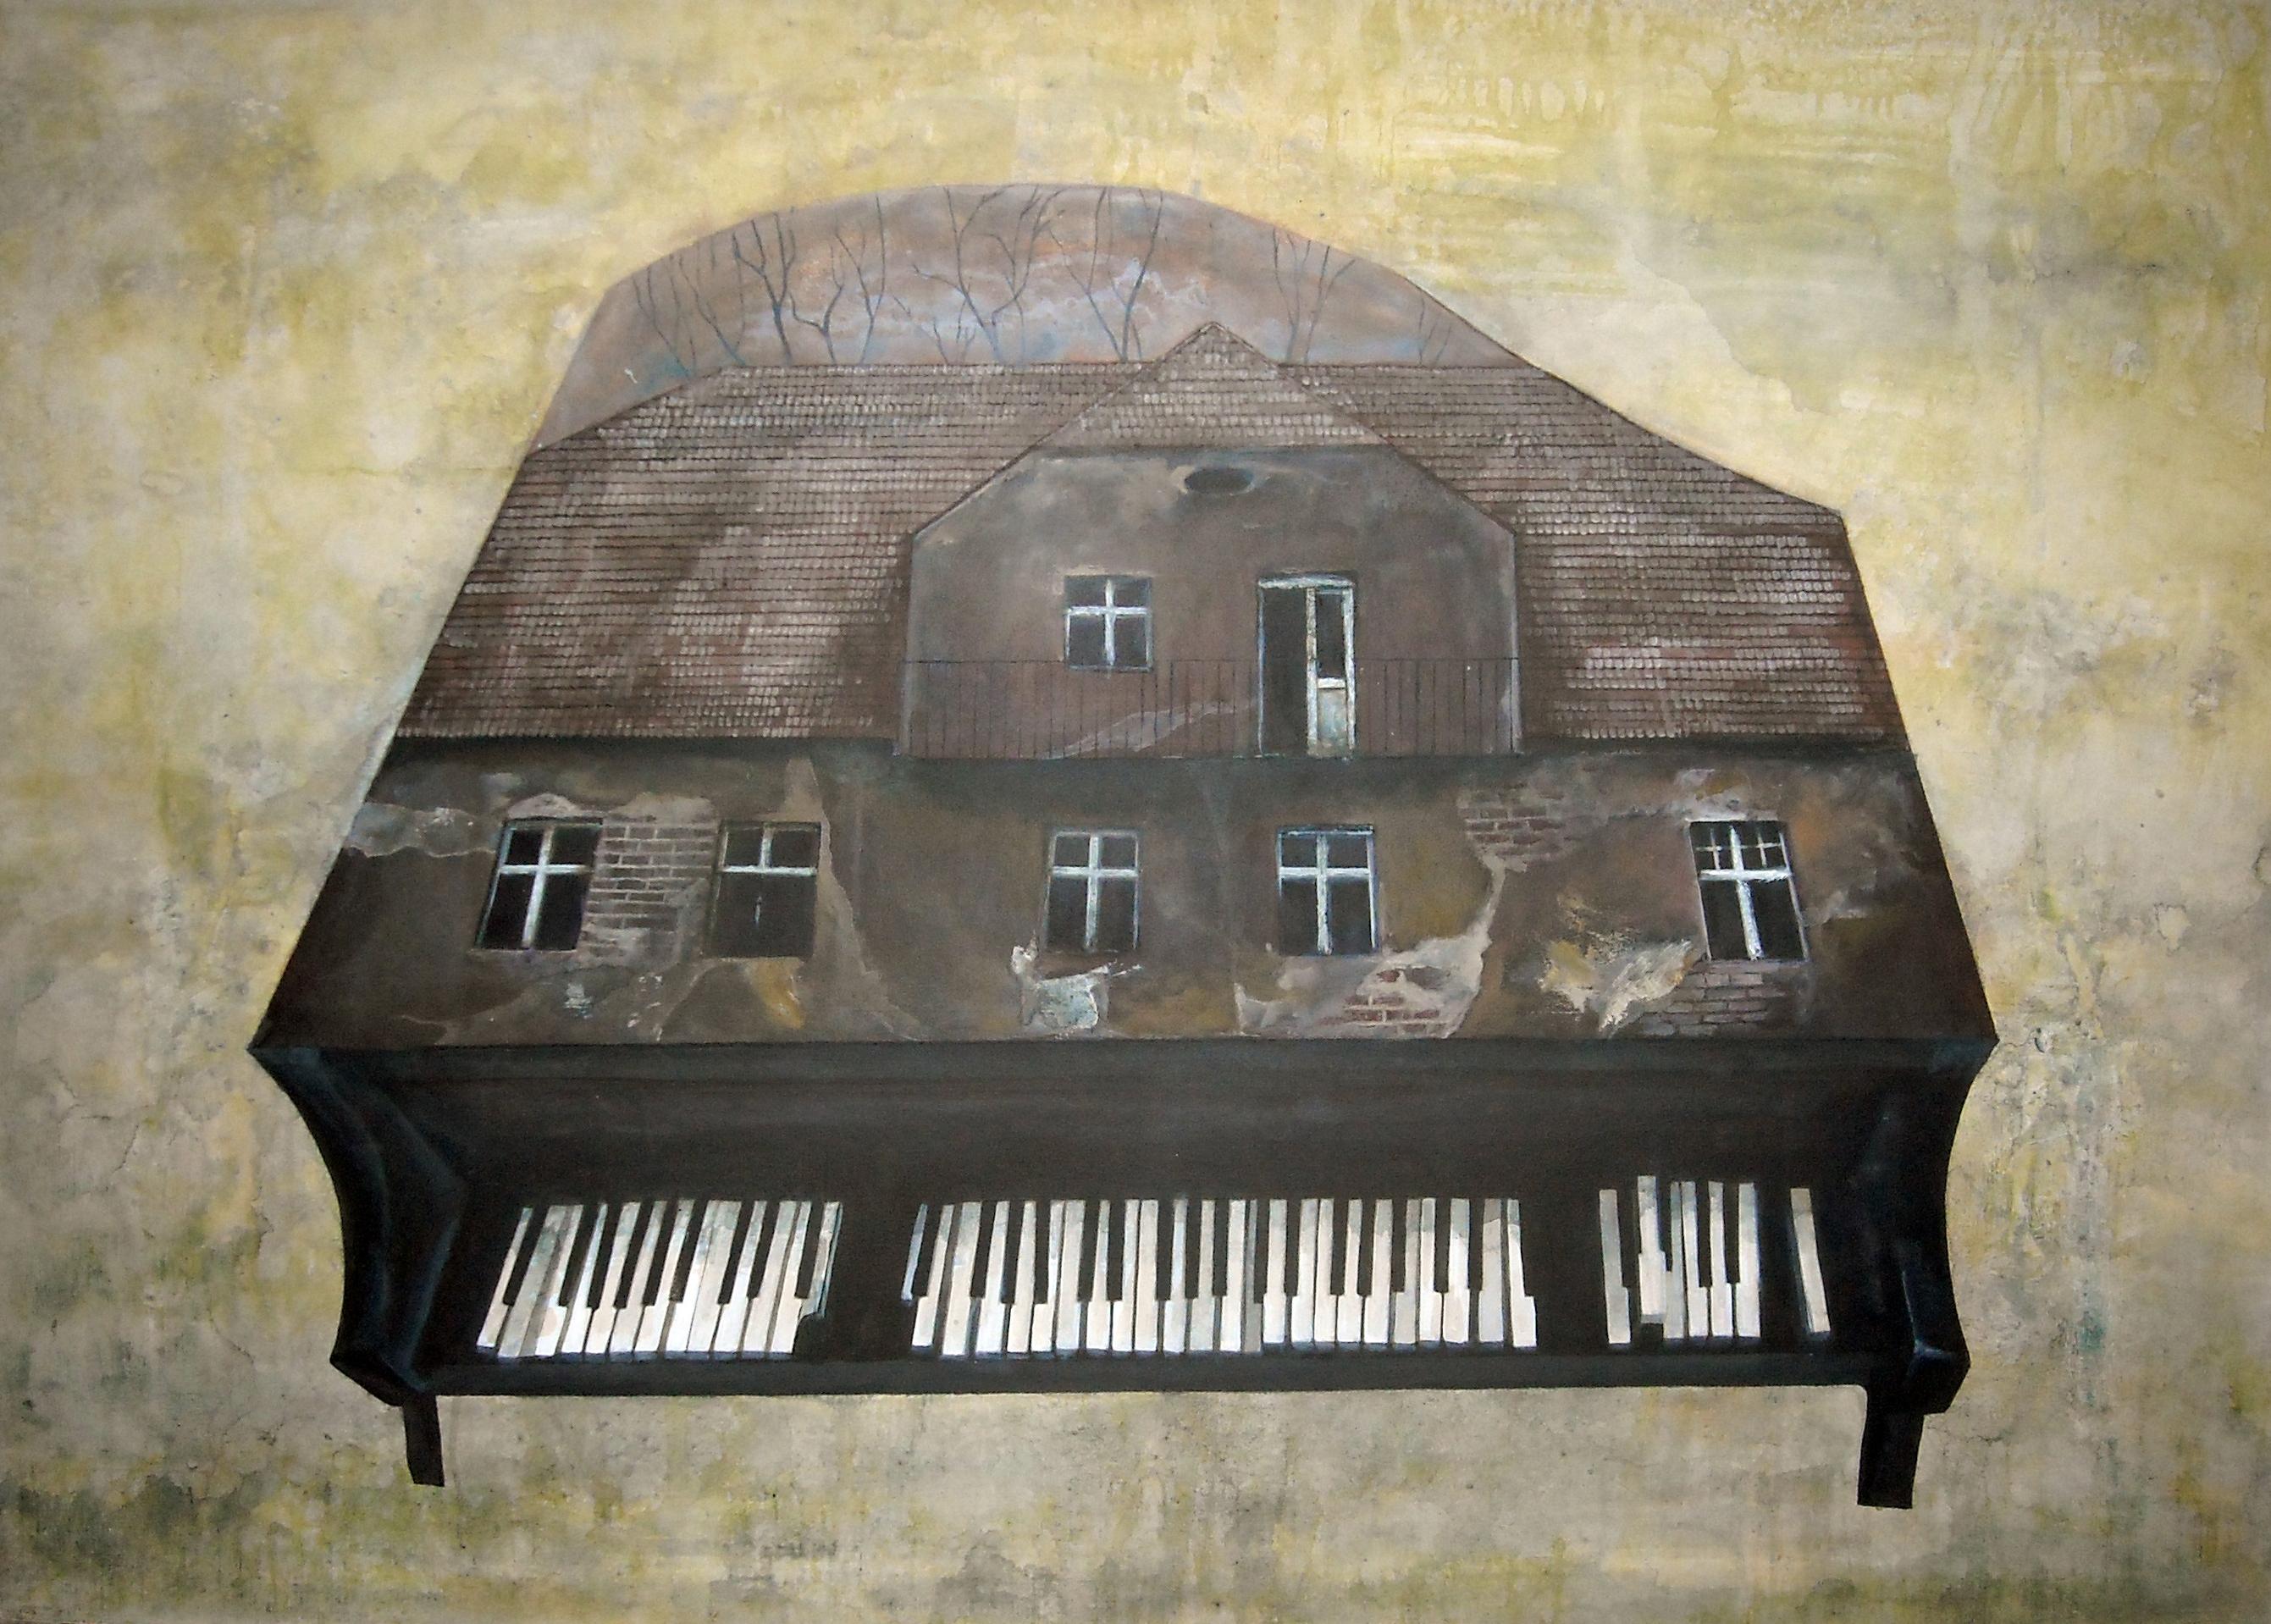 perdendo, 100x140 cm, akryl na płótnie, 2009